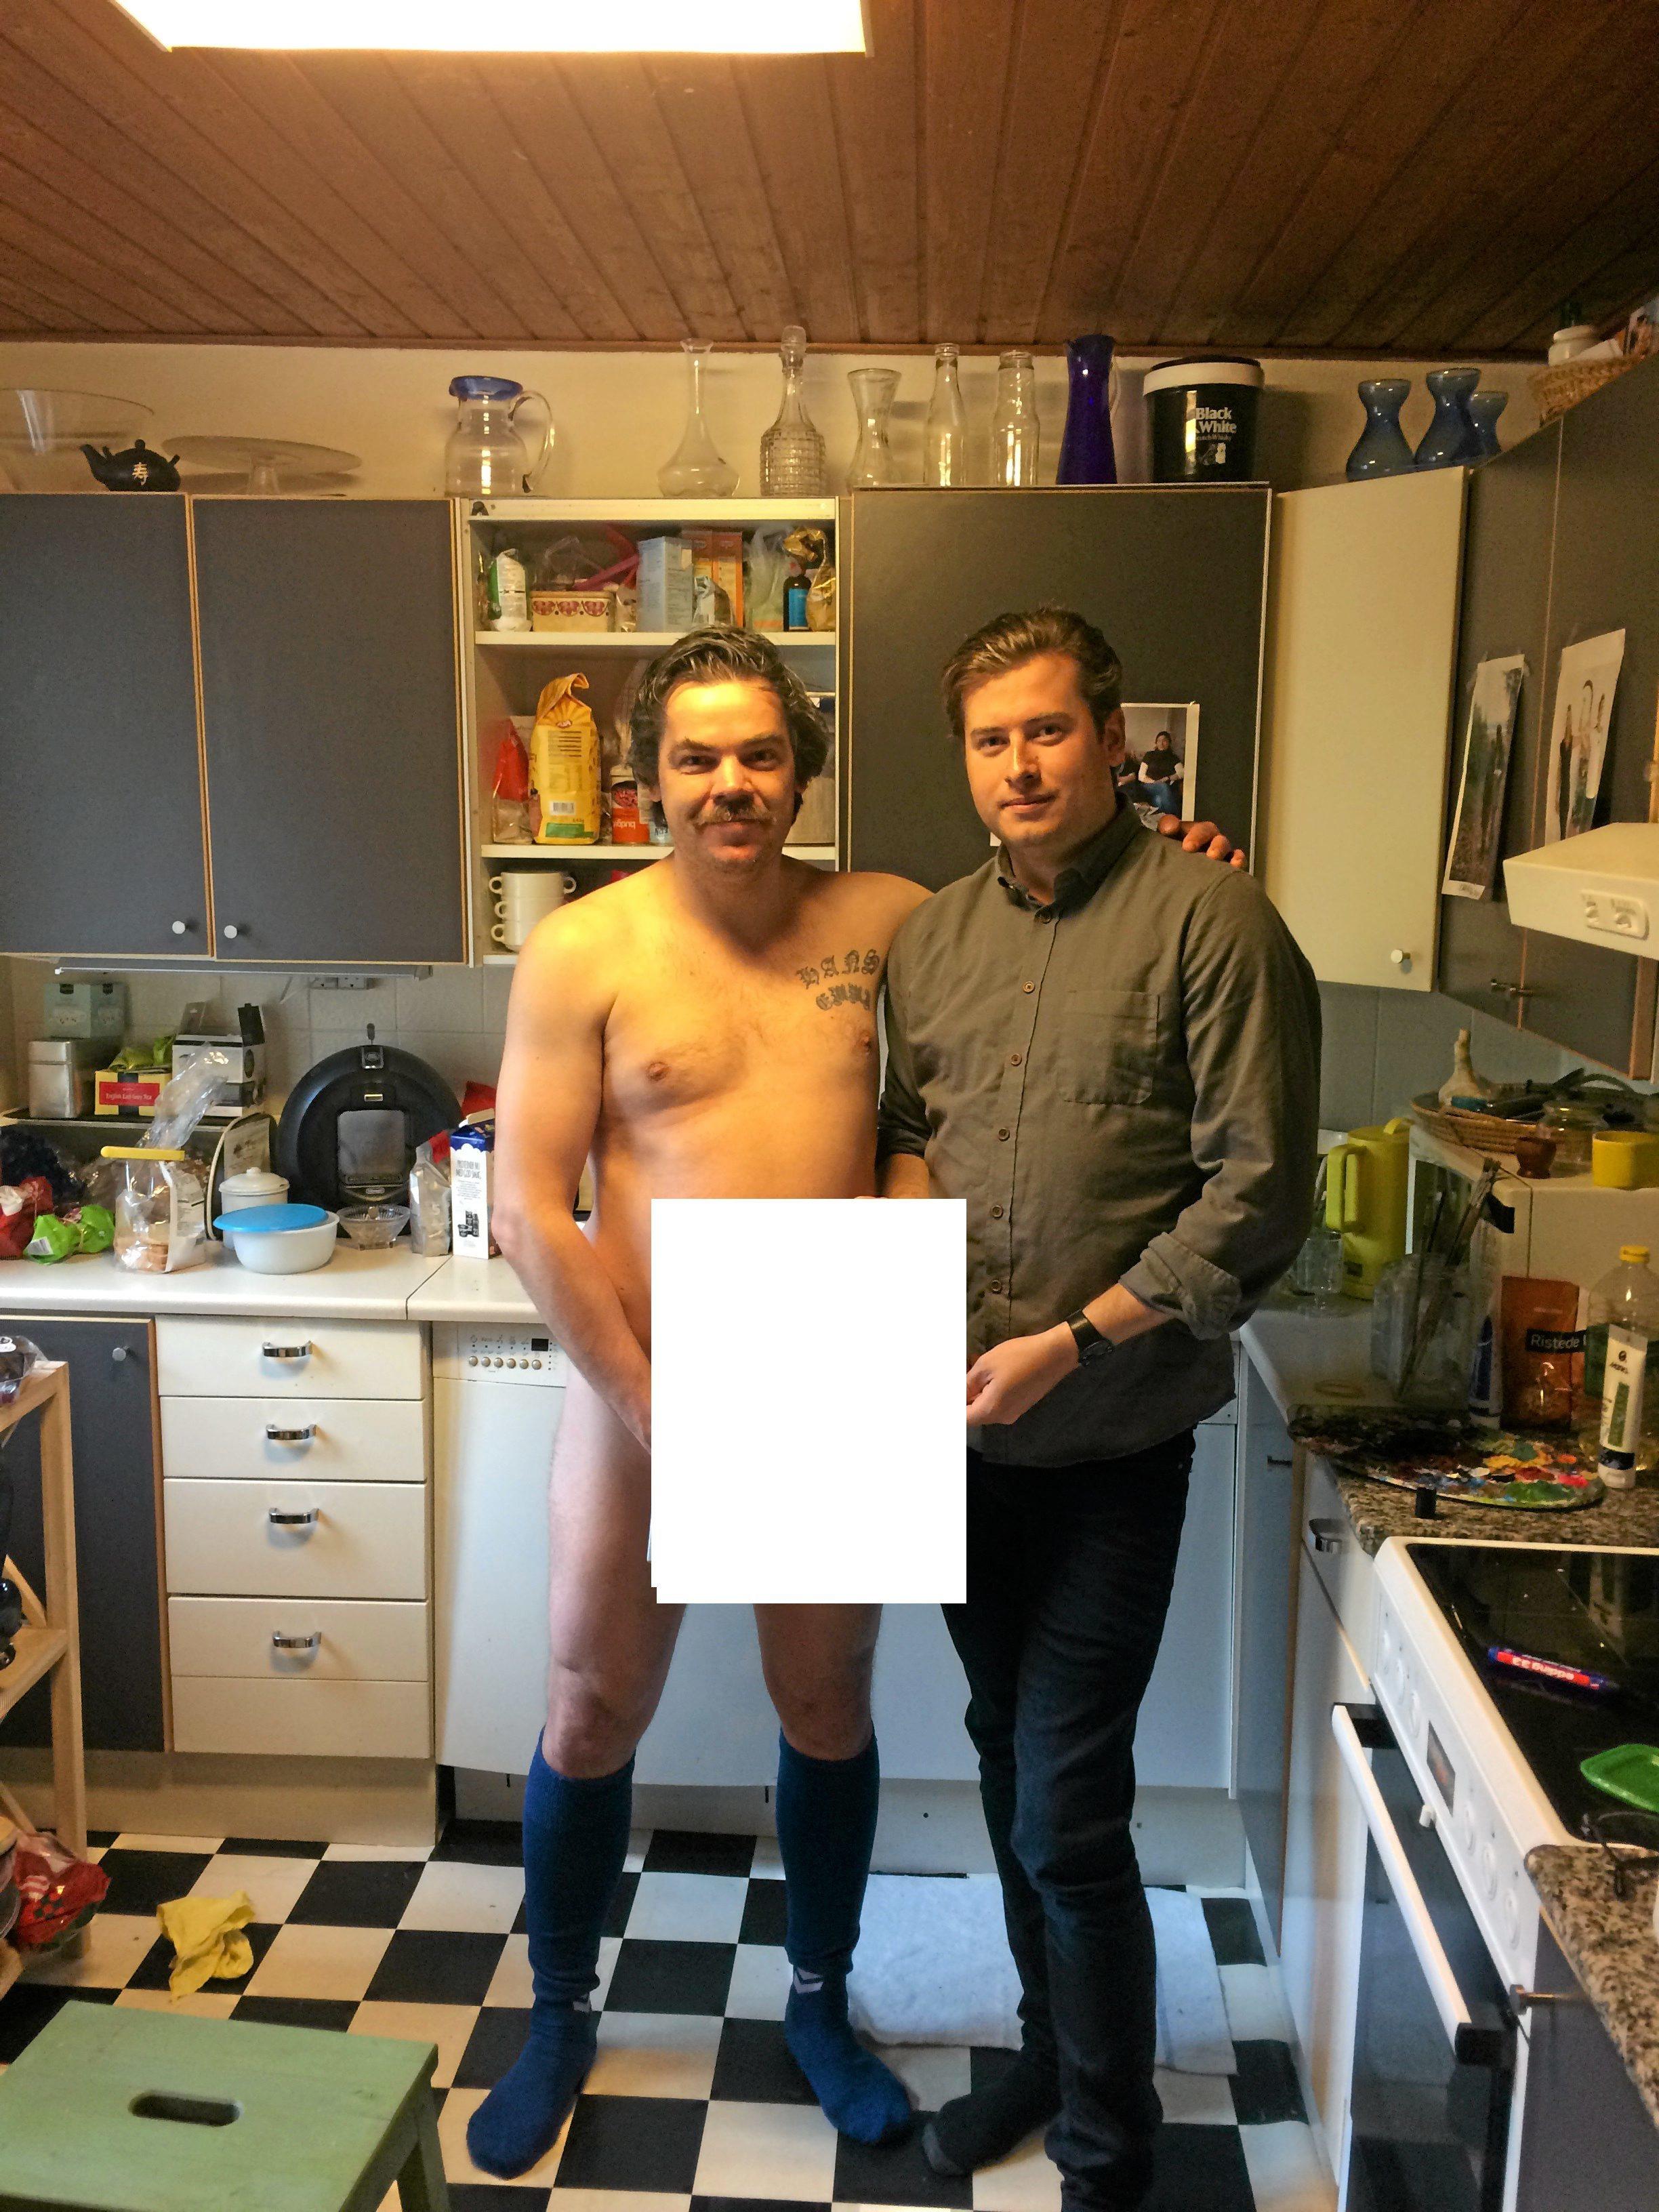 gruppe sex orgies videoer